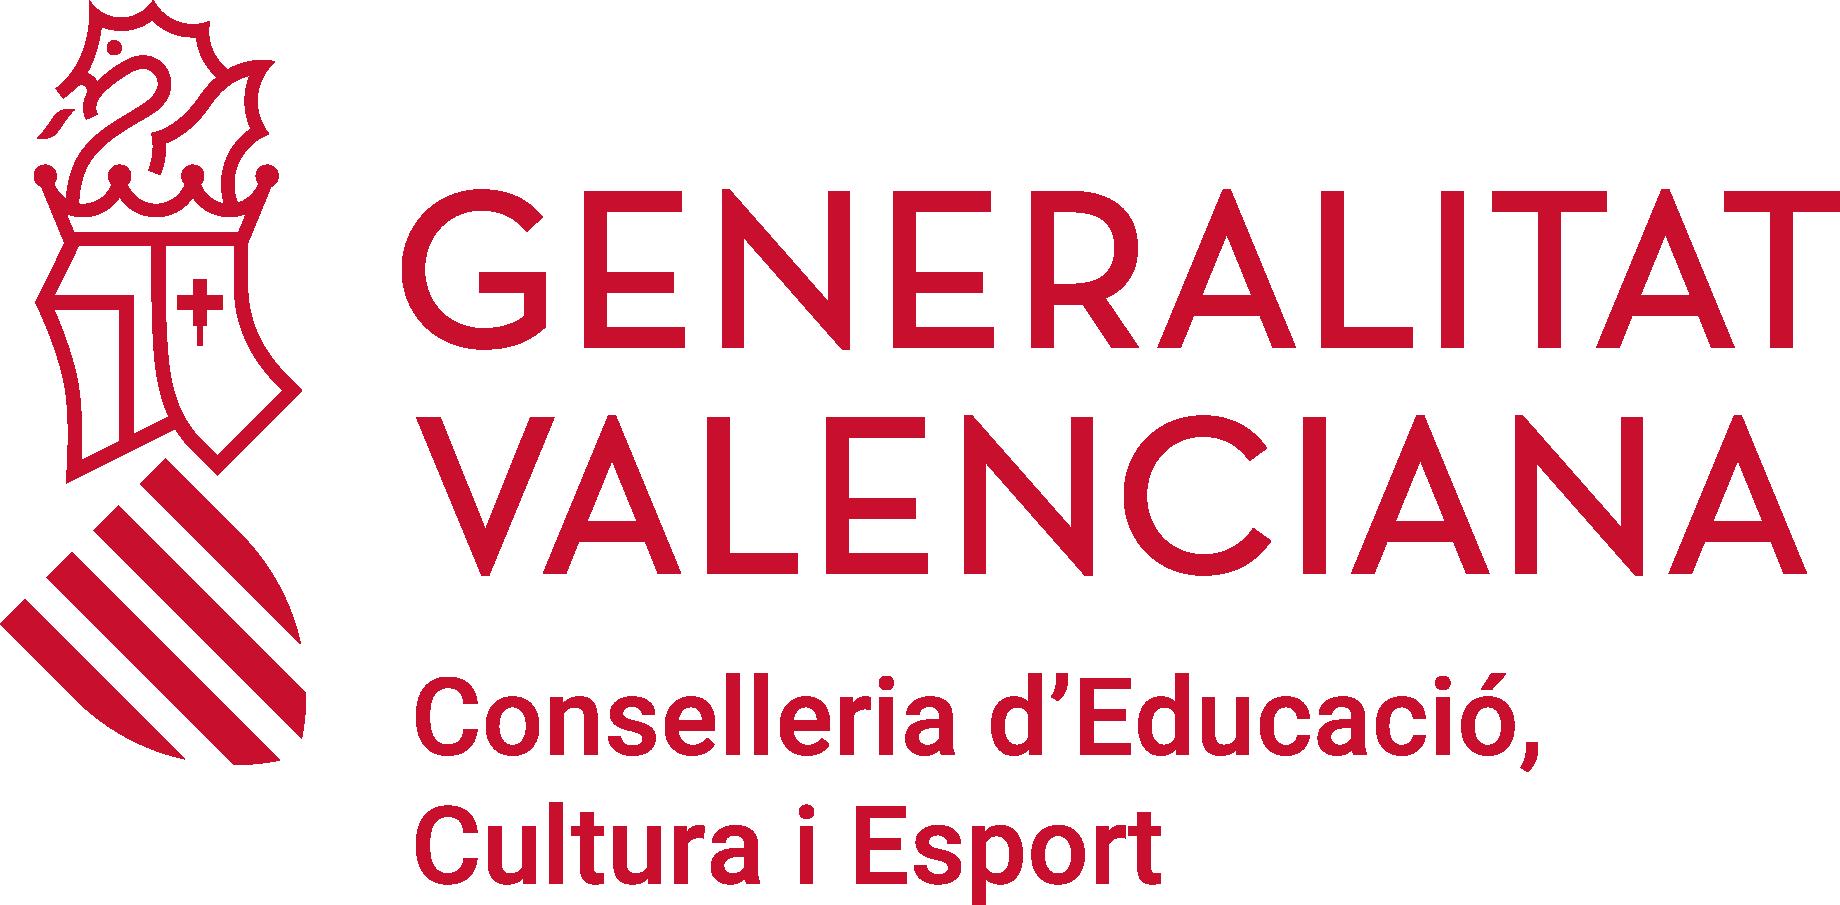 gv_conselleria_educacio_rgb_val.png